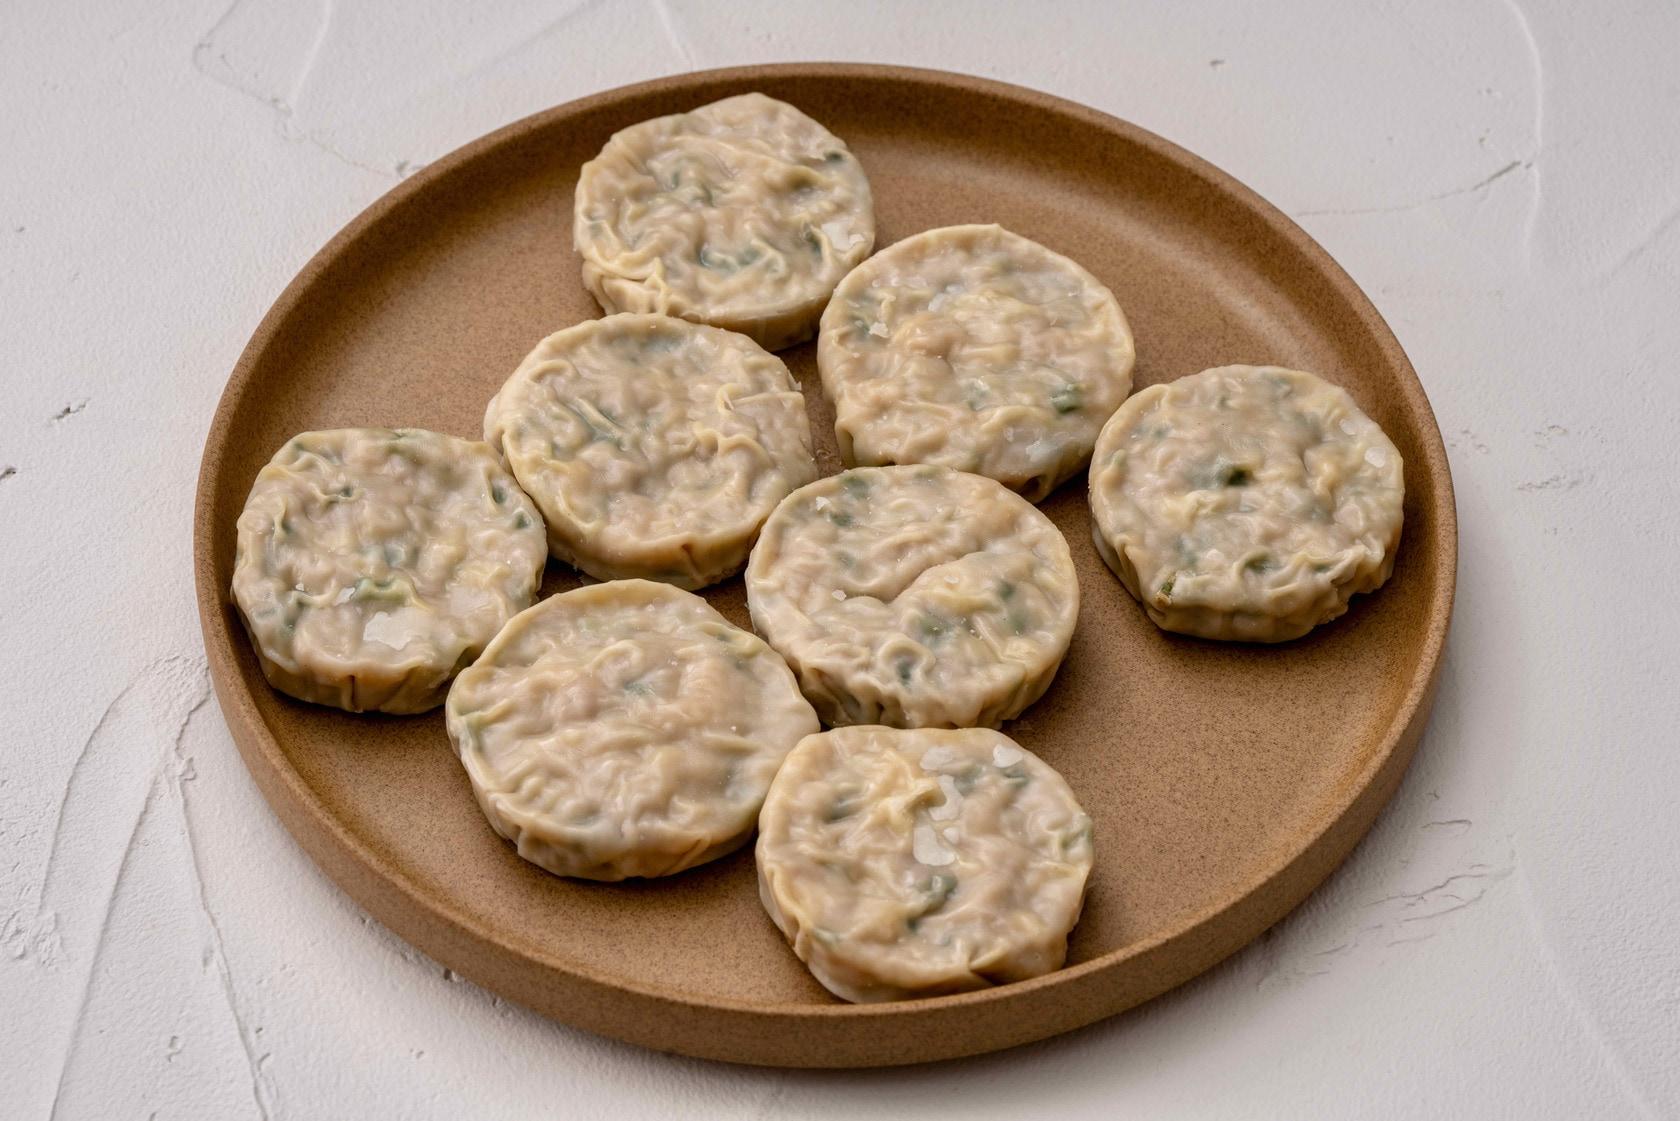 ニラ饅頭に似た形をしたやまかジンギスカンのオリジナル加工品ラムのパリパリ焼き8個,冷凍惣菜